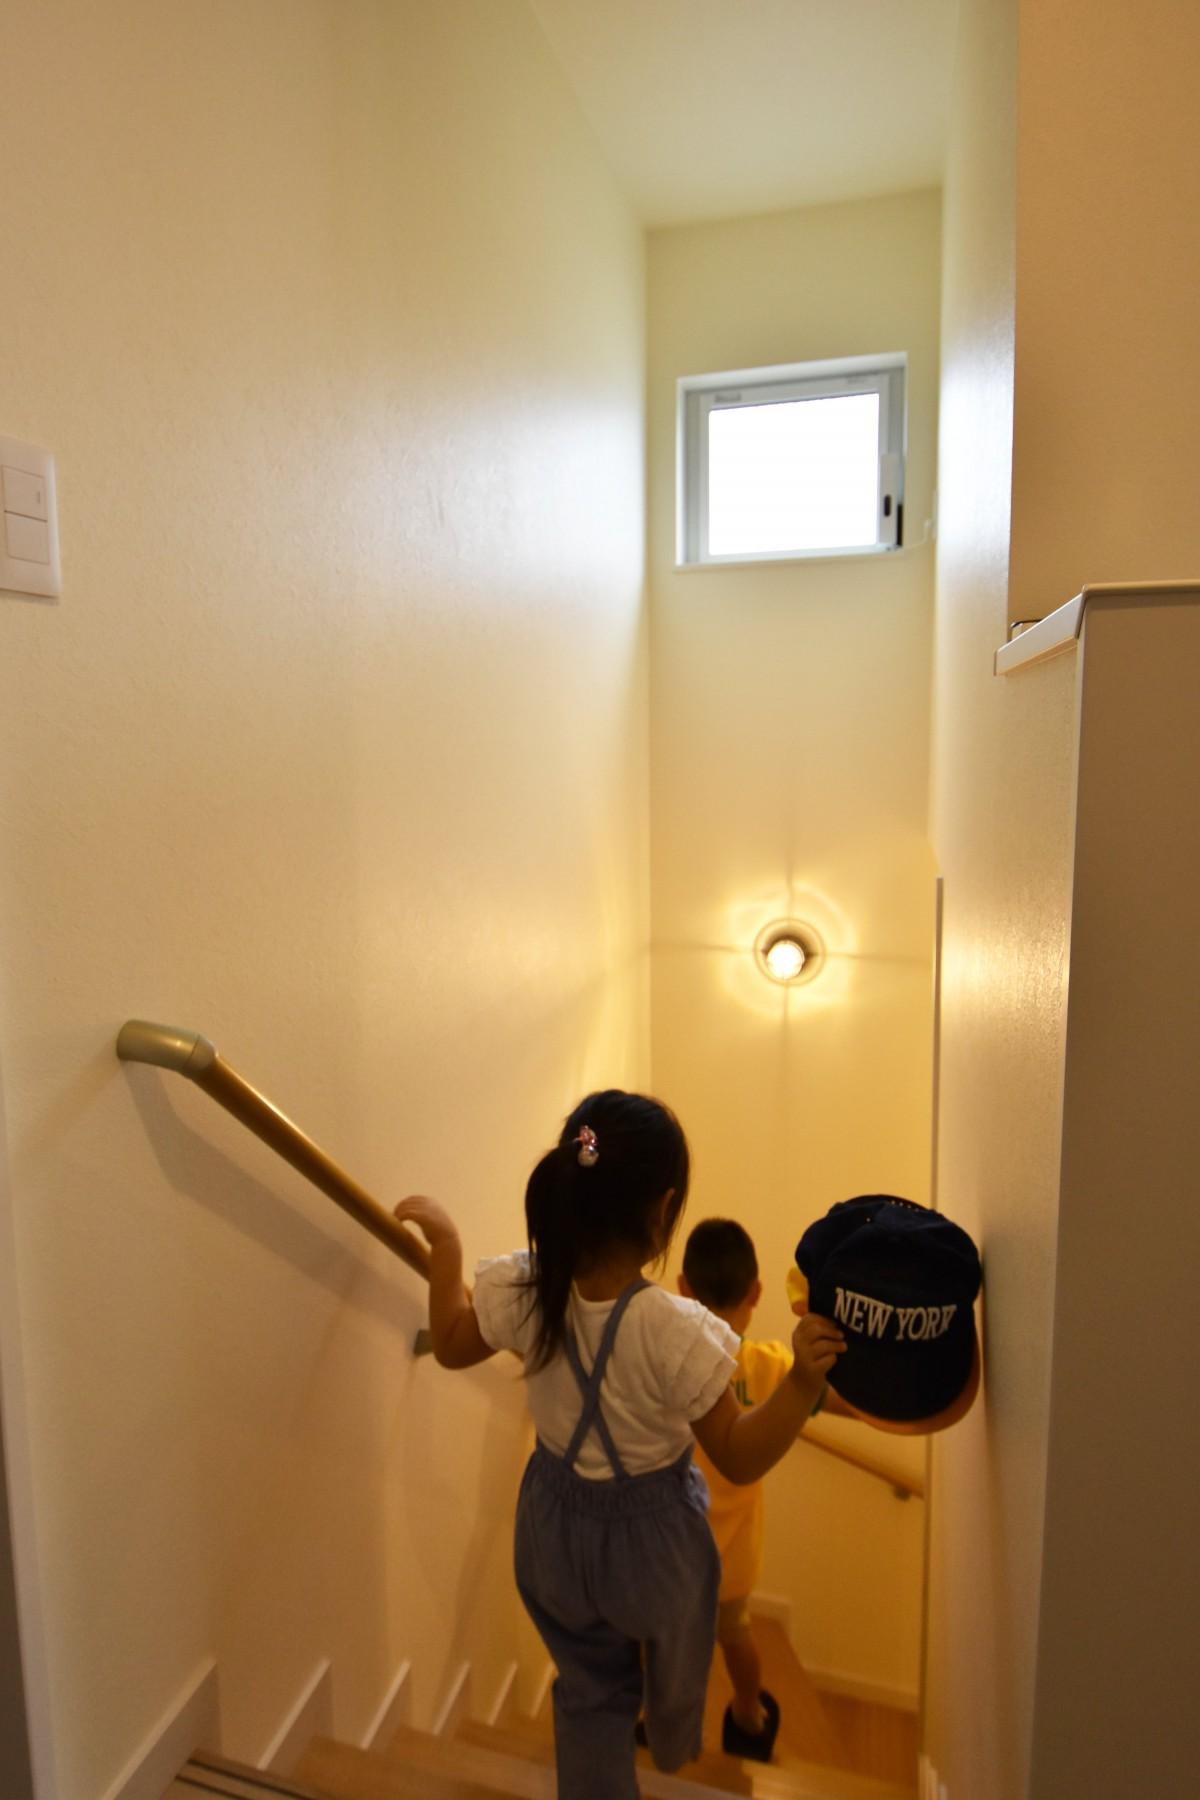 子どもが自分の部屋にとどまることなく、家全体が楽しめるように設計。